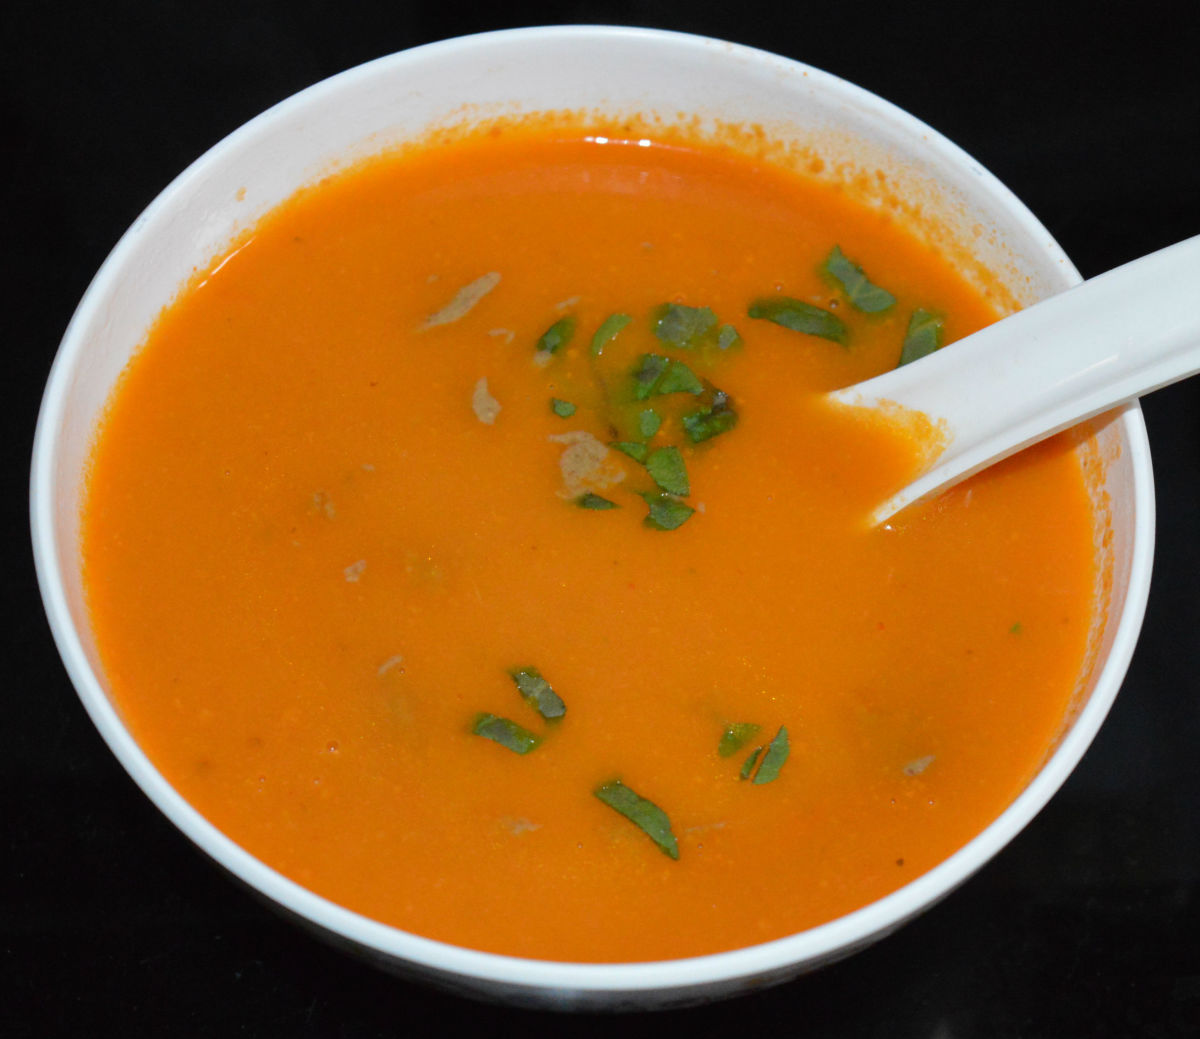 Vegan Tomato Soup With Tahini and Basil